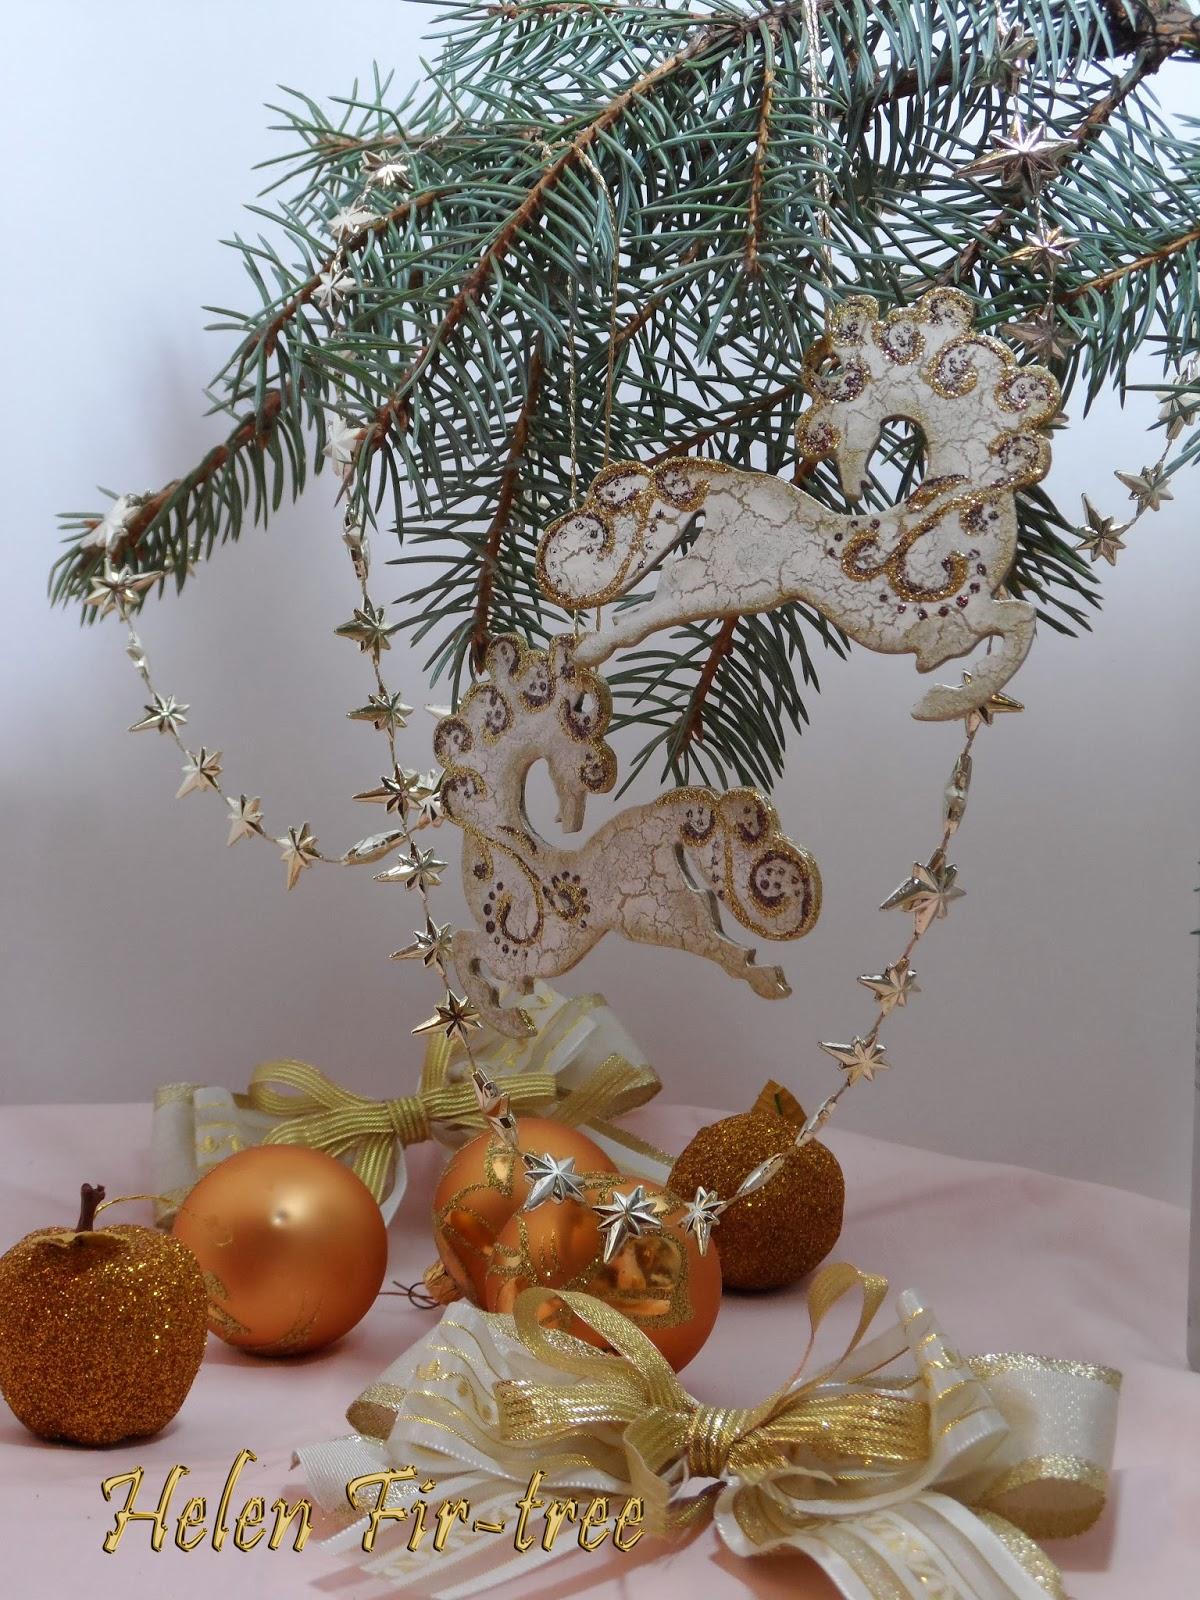 Helen Fir-tree декупаж ёлочное украшение лошадка decoupage Cristmas decorations horse